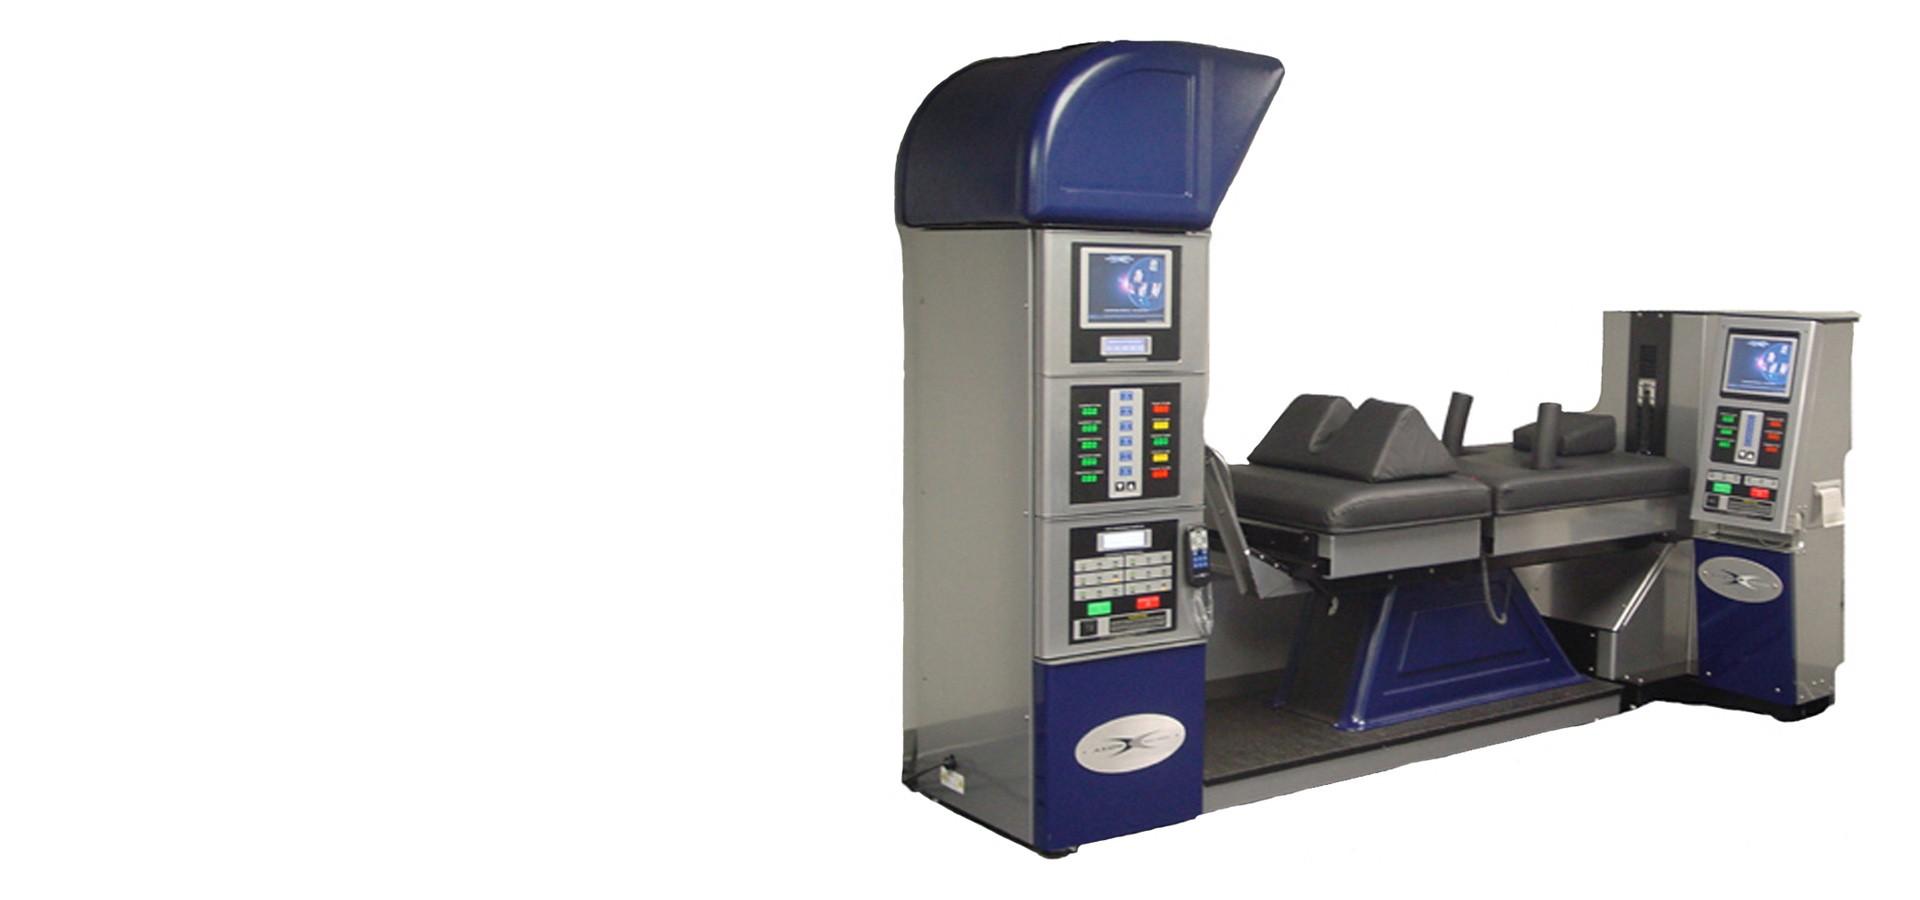 DRX 9000 Spinal Dekompresyon